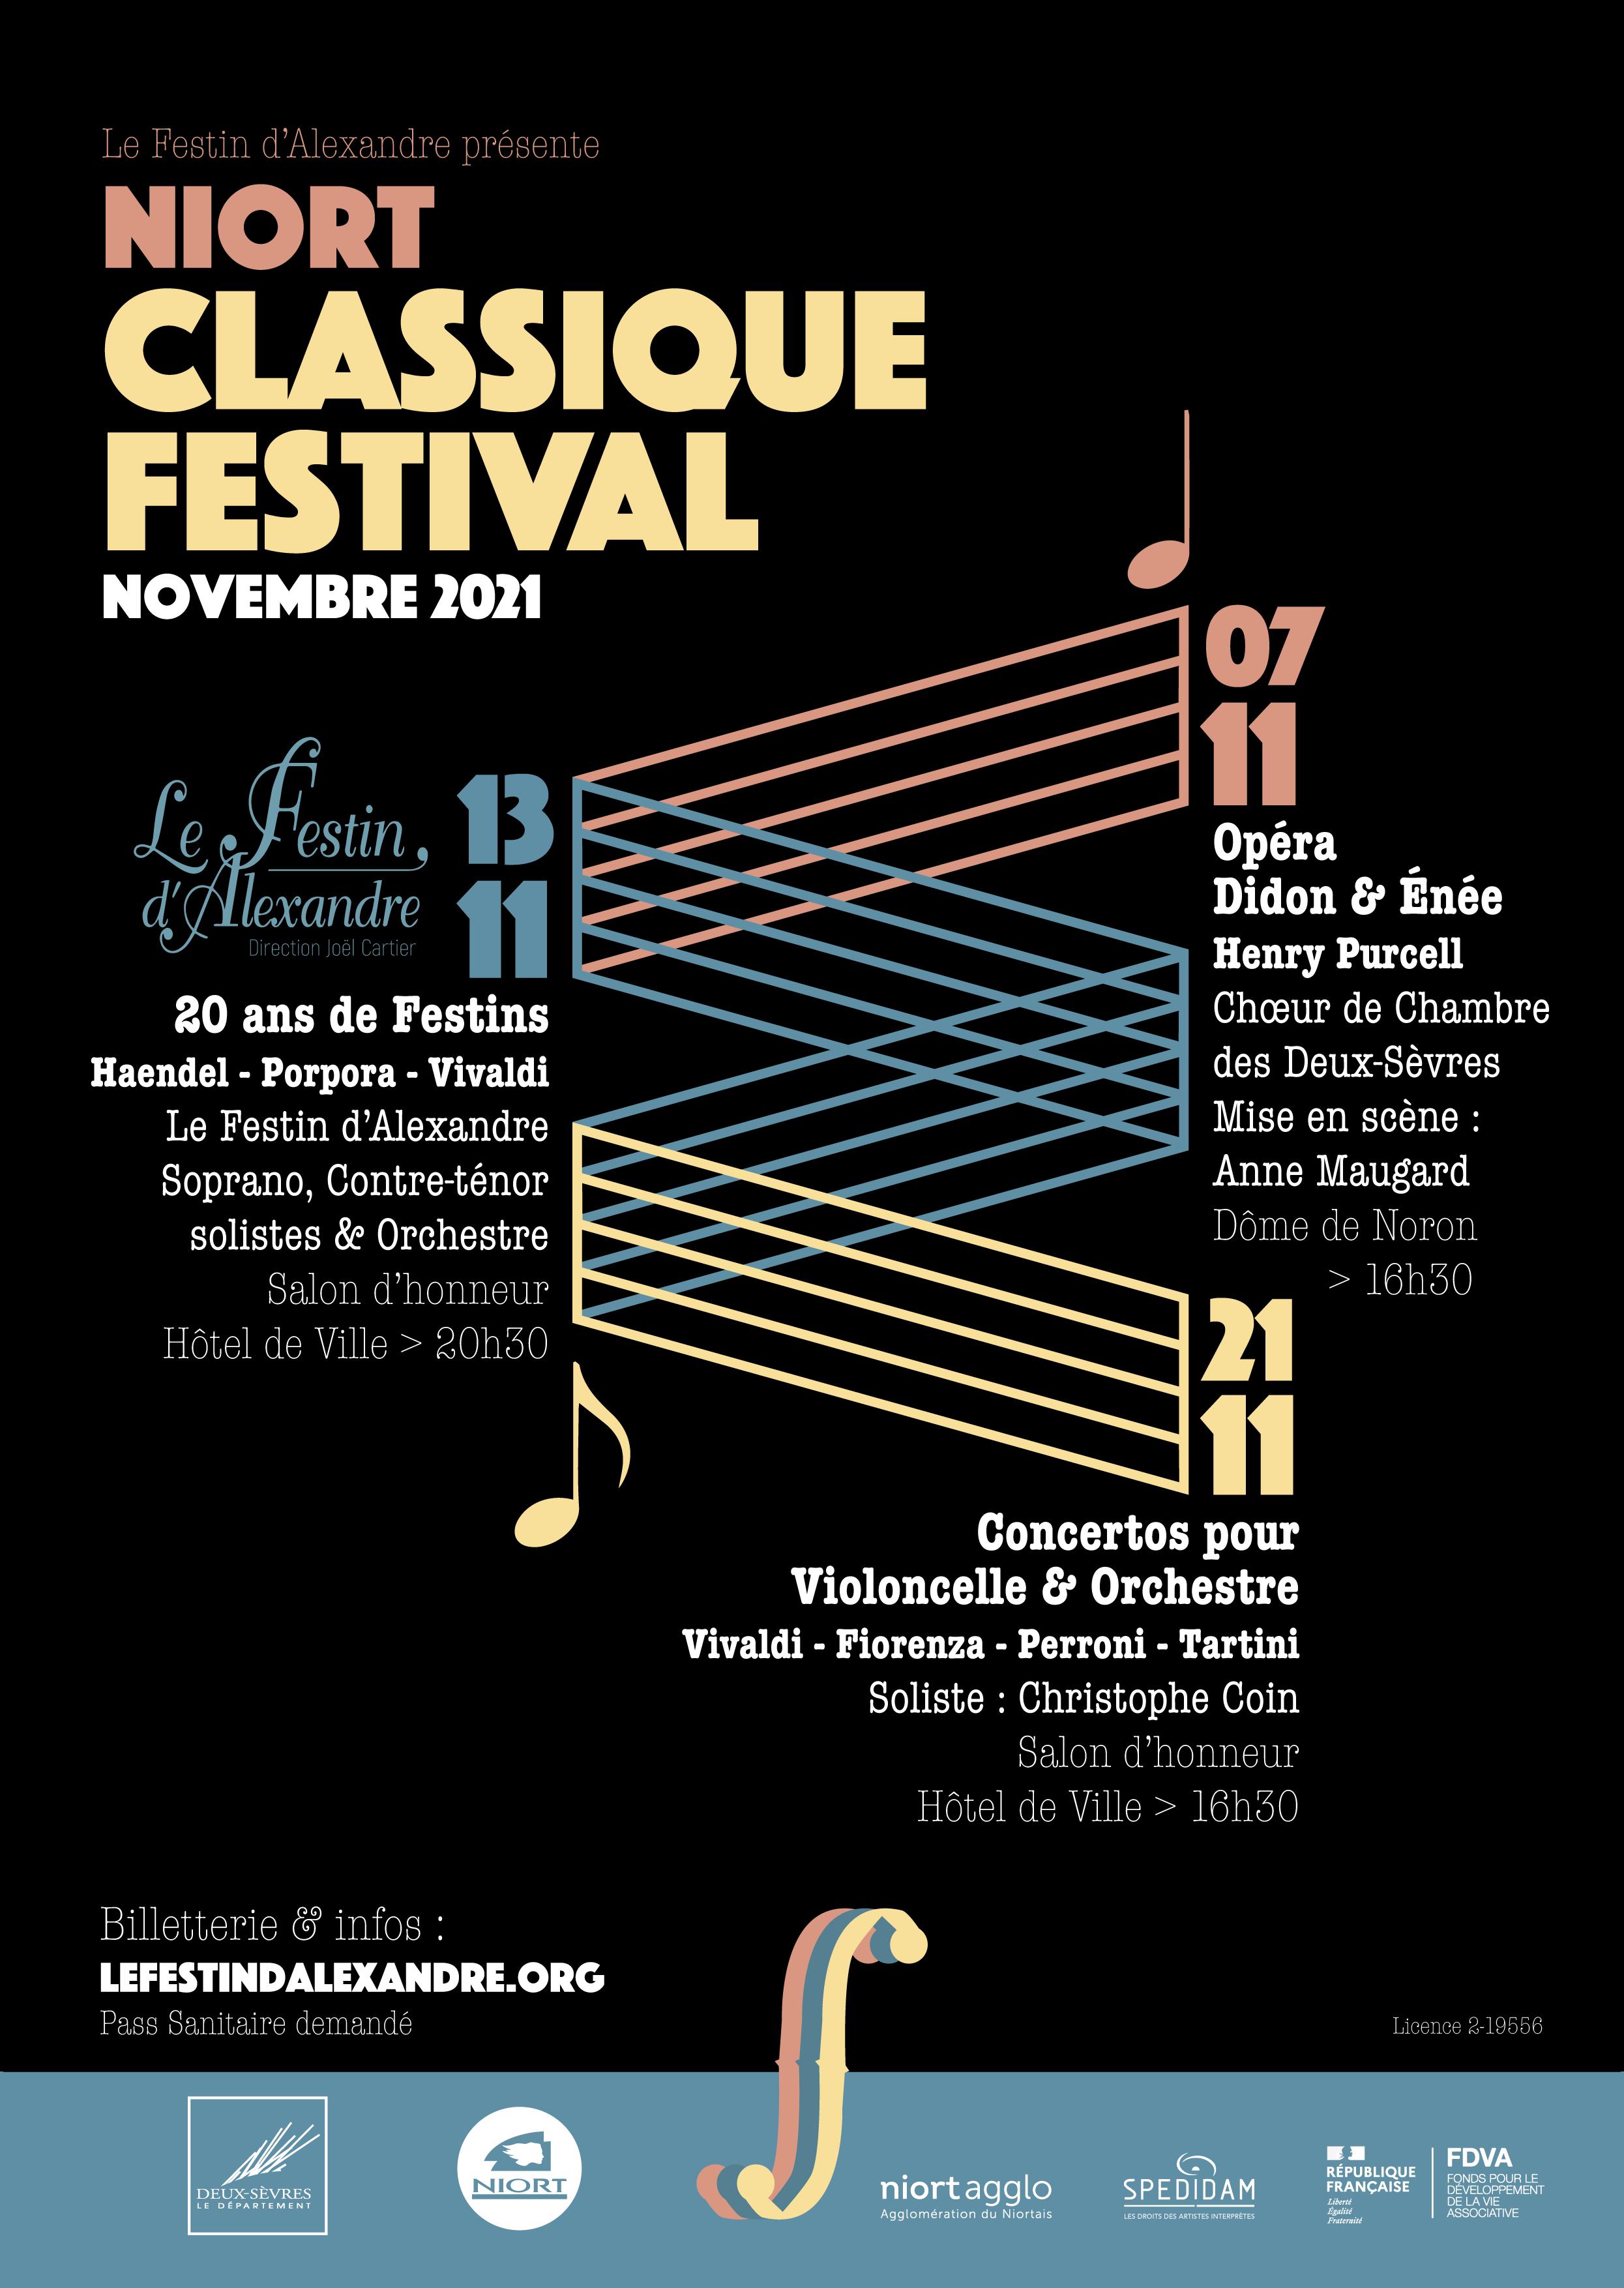 Niort Classique Festival